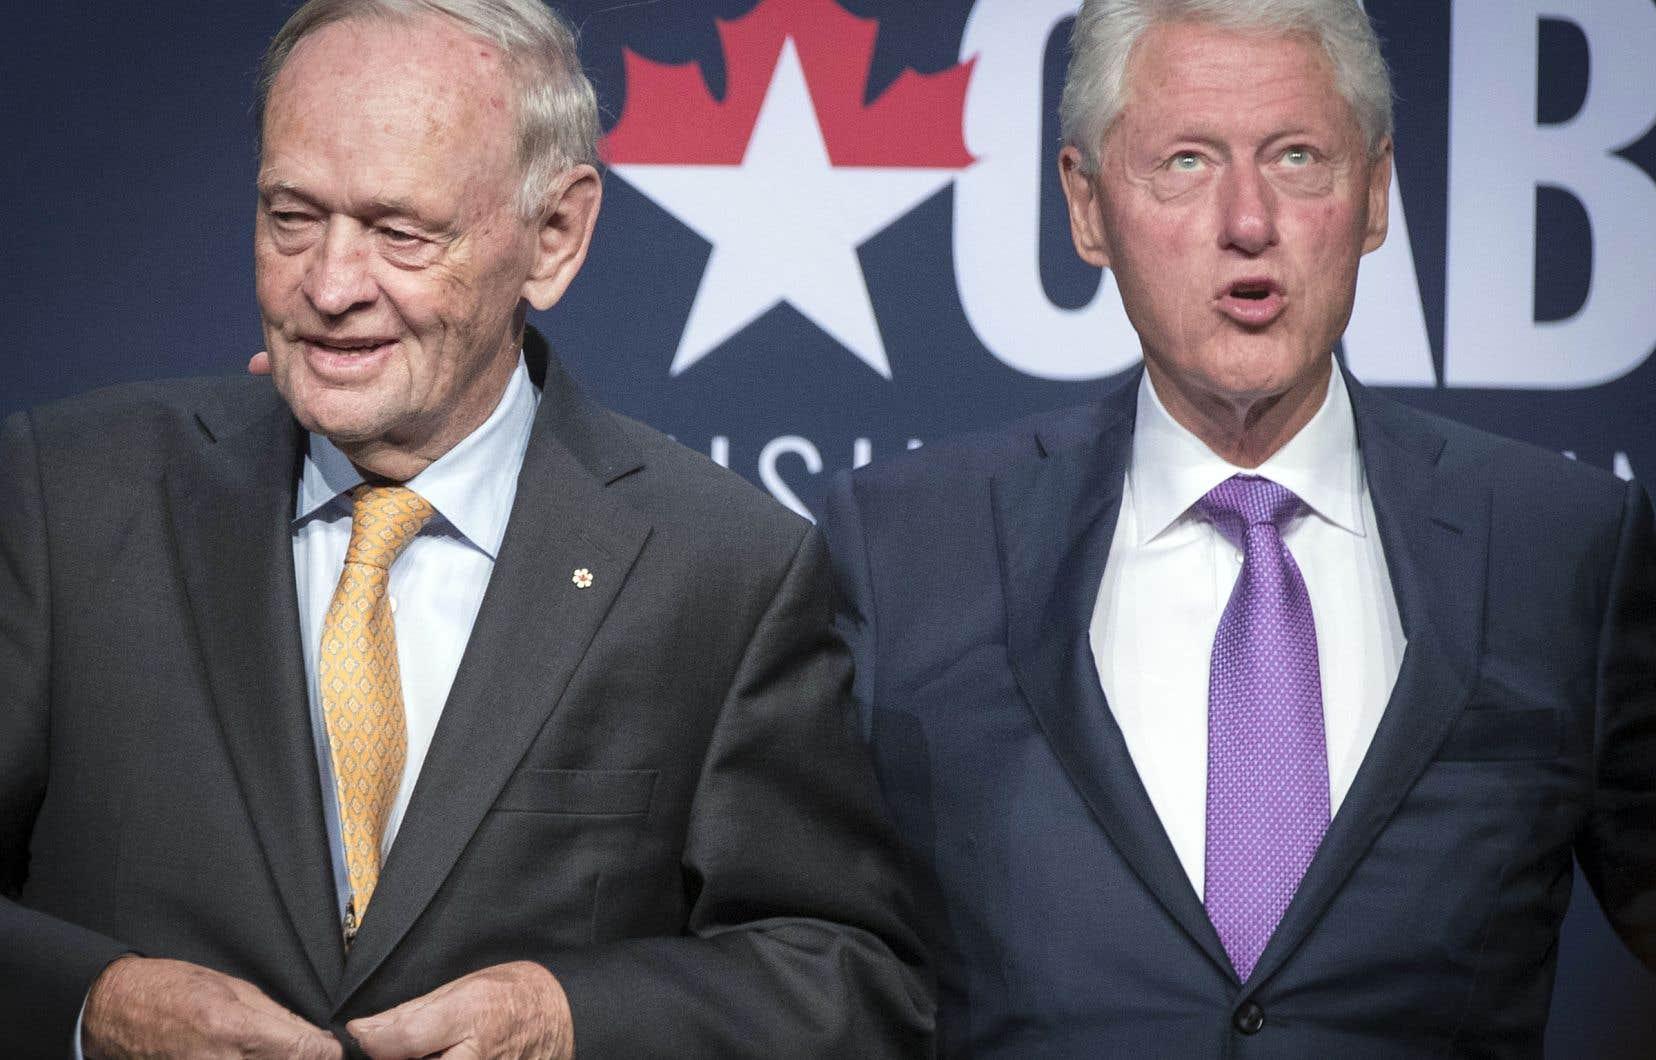 Jean Chrétien et Bill Clinton avaient visiblement beaucoup de plaisir à se retrouver sur scène, mercredi soir, devant la salle bondée du Palais des Congrès de Montréal.